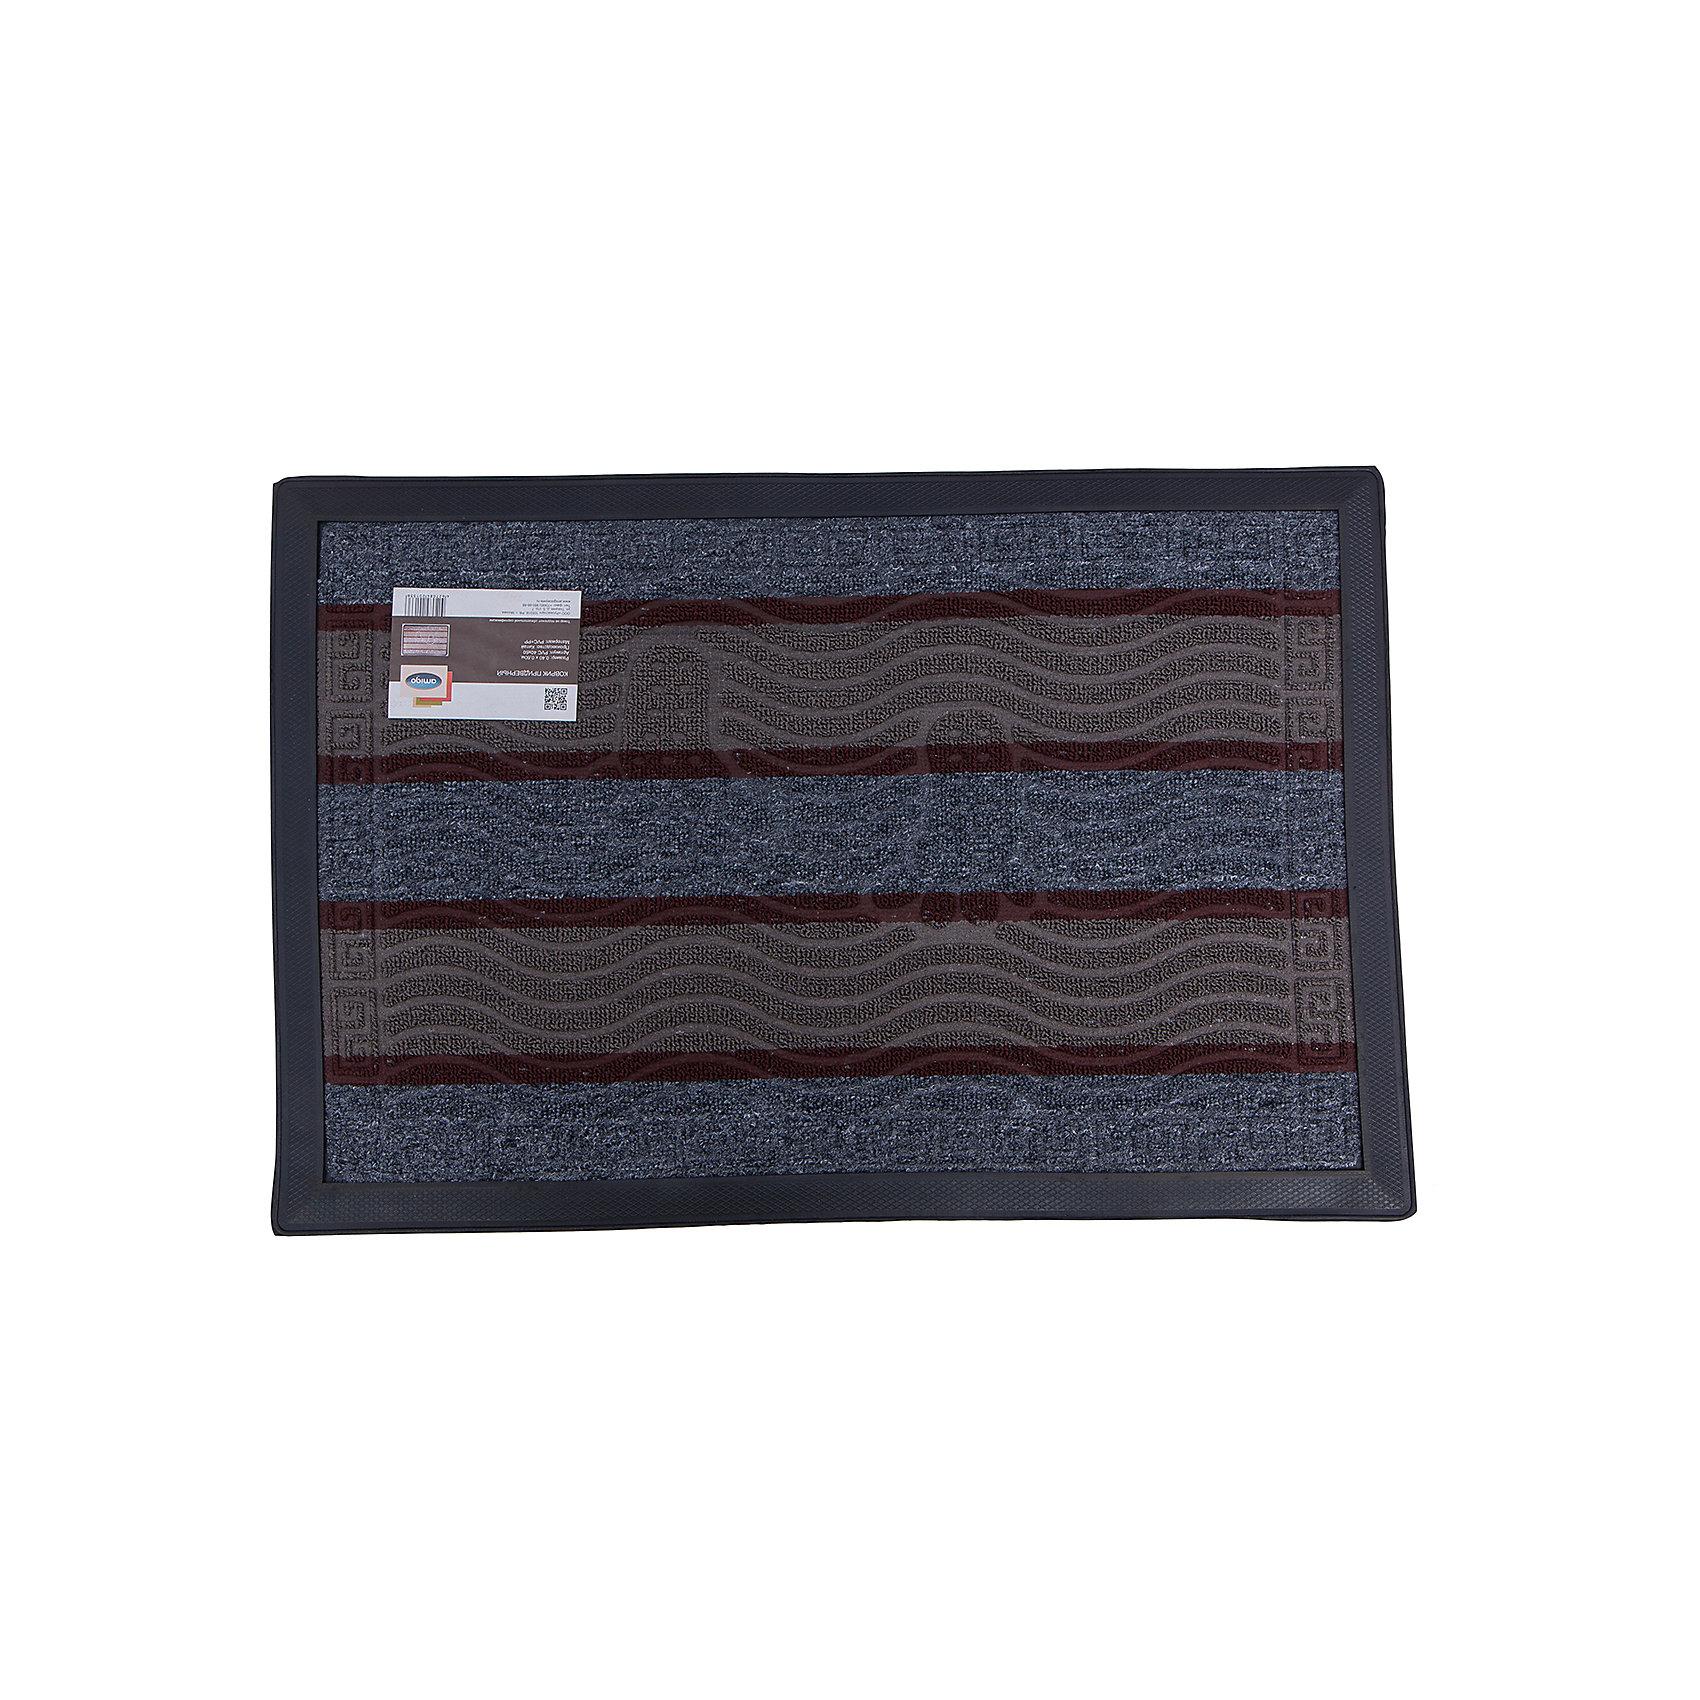 Коврик резиновый PVC 40х60, AmigoКовры<br>Коврик резиновый PVC 40х60, Amigo (Амиго) - это отличный выбор для тех, кто хочет сделать свою жизнь комфортной и эстетичной.<br>Придверной резиновый коврик с ворсом хорошо задерживает грязь и не допускает попадания песка на обуви в квартиру. Он имеет влаговпитывающее покрытие. Коврик выглядит стильно и оригинально, он долговечен, со временем не деформируется.<br><br>Дополнительная информация:<br><br>- Размер: 40х60 см.<br>- Материал: ПВХ<br><br>Коврик резиновый PVC 40х60, Amigo можно купить в нашем интернет-магазине.<br><br>Ширина мм: 600<br>Глубина мм: 400<br>Высота мм: 30<br>Вес г: 1100<br>Возраст от месяцев: 18<br>Возраст до месяцев: 1188<br>Пол: Унисекс<br>Возраст: Детский<br>SKU: 5025731